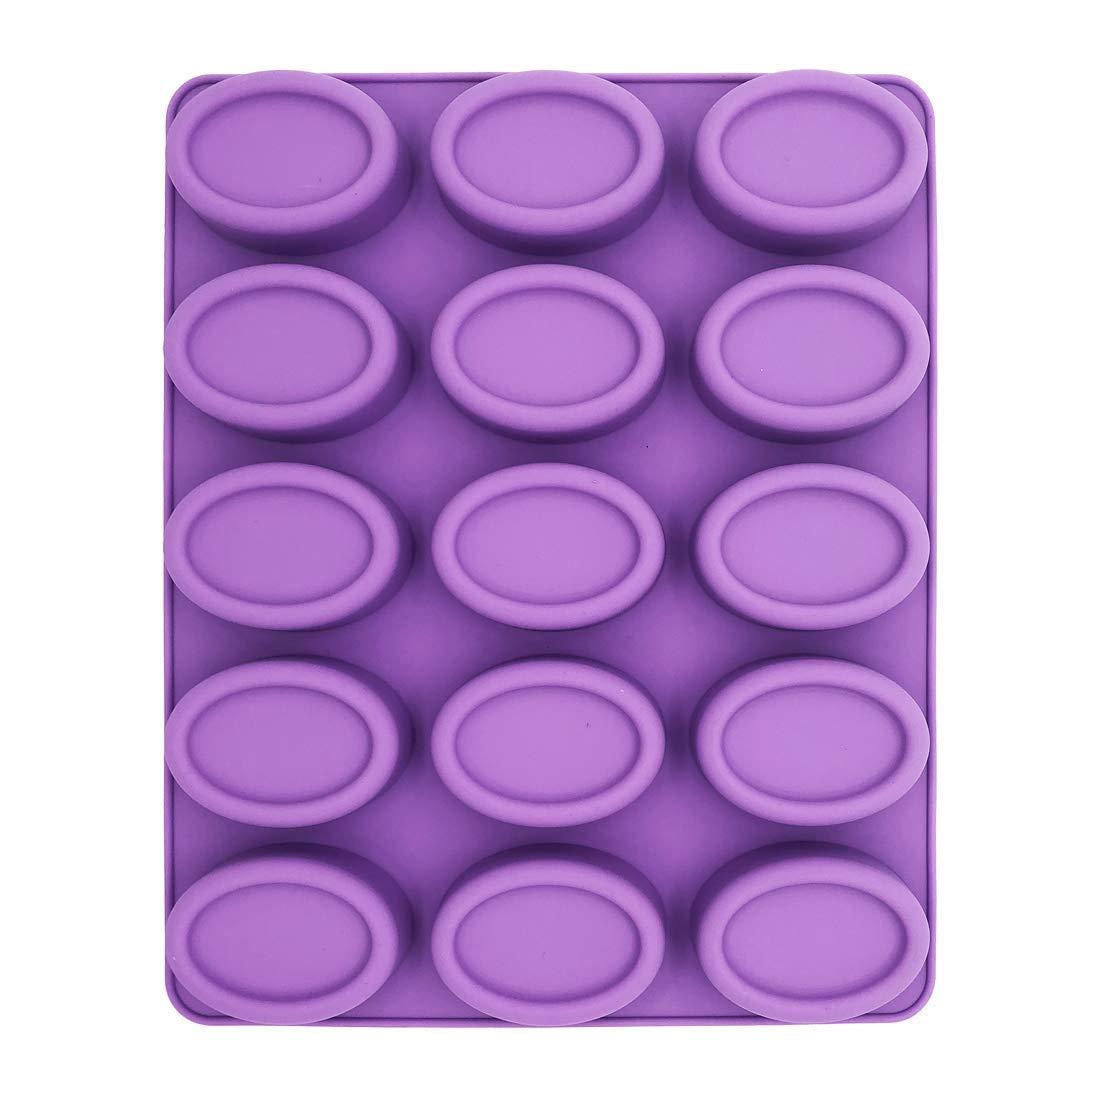 Molde de silicona para jabón, molde para mousse, molde cilíndrico, molde para horno, molde para tartas, molde para galletas, bandeja para cubitos de hielo ...